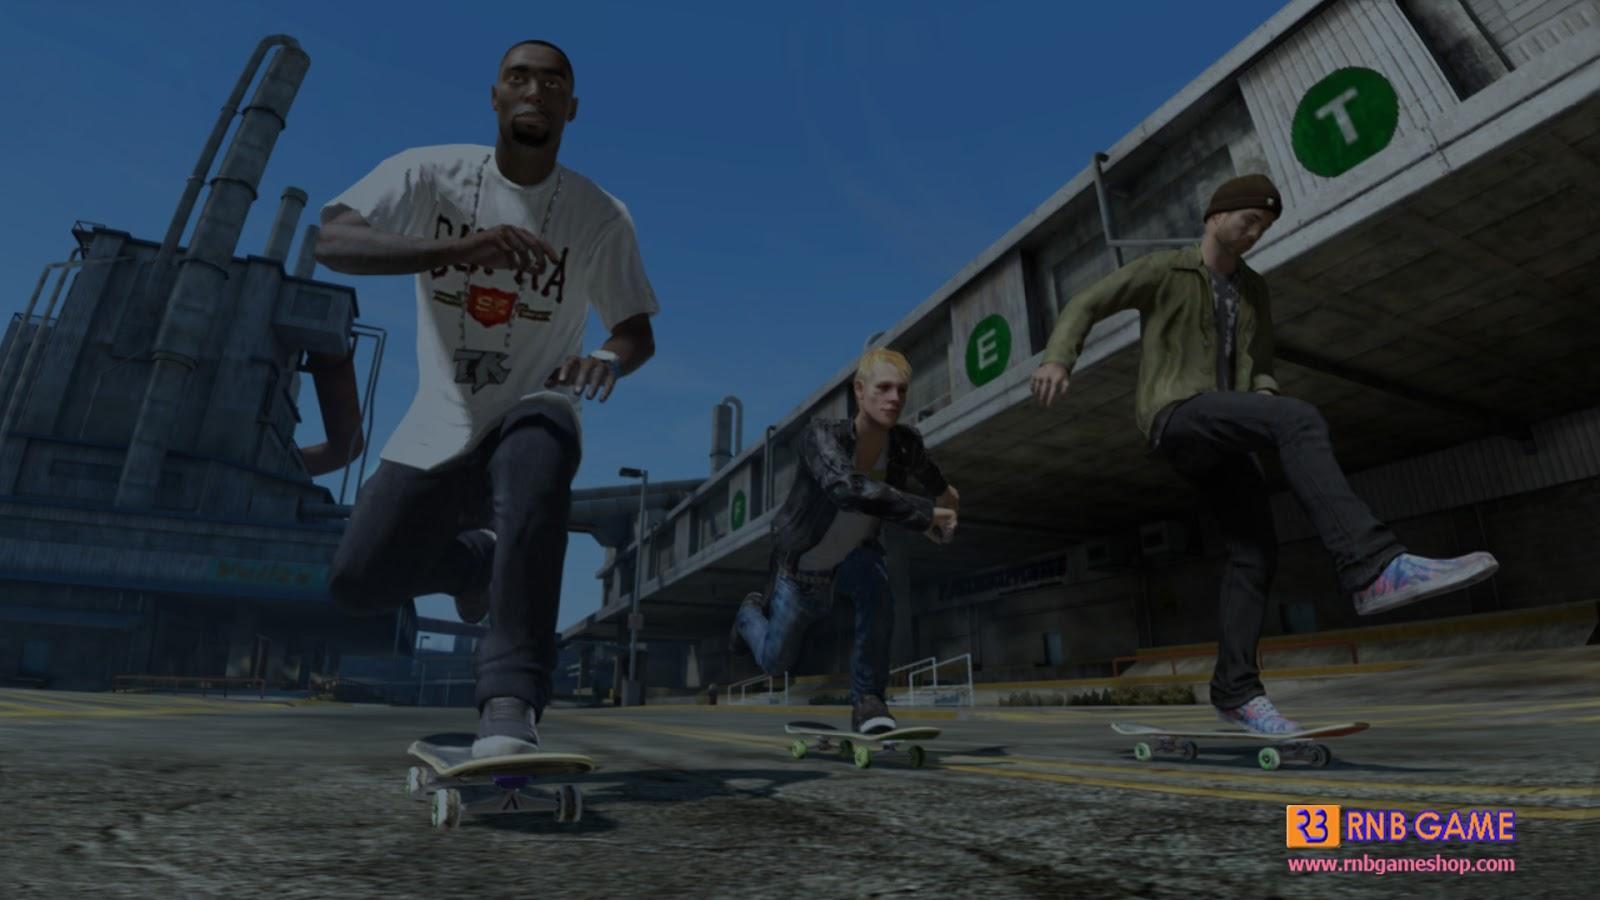 Skate 3 PS3 PKG Terbaru - Download Game PKG PS3